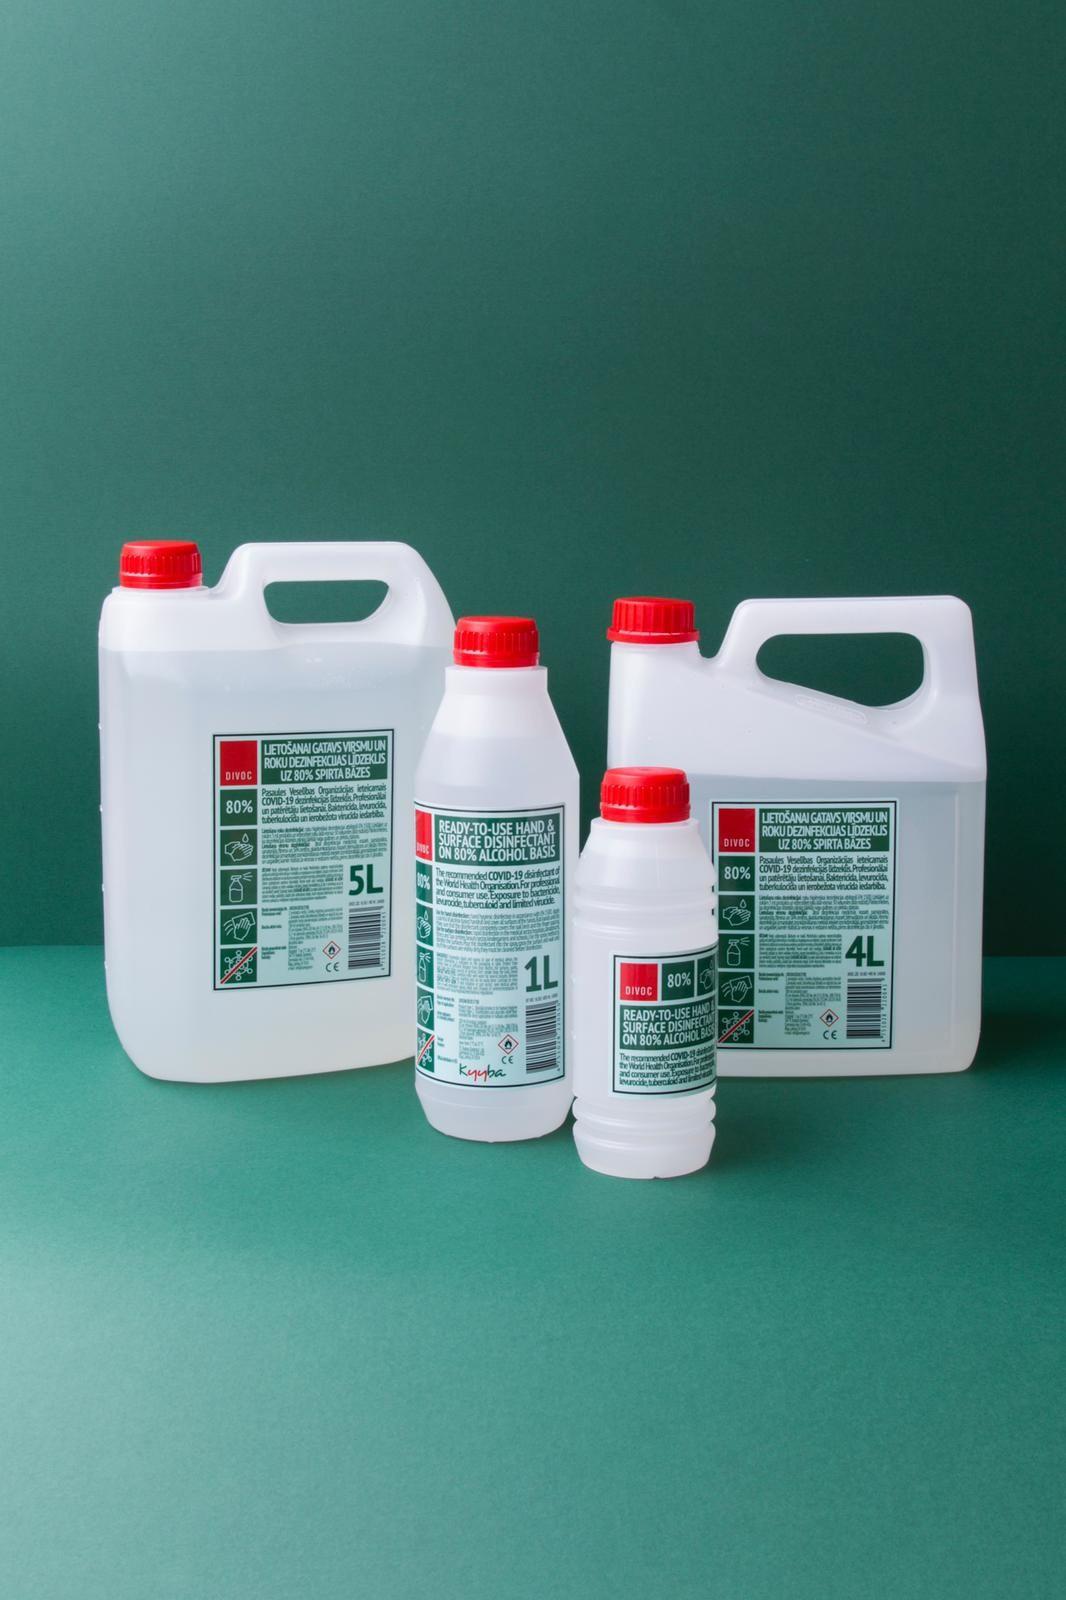 80% Alcohol Based Sanitizer // Liquid or Gel